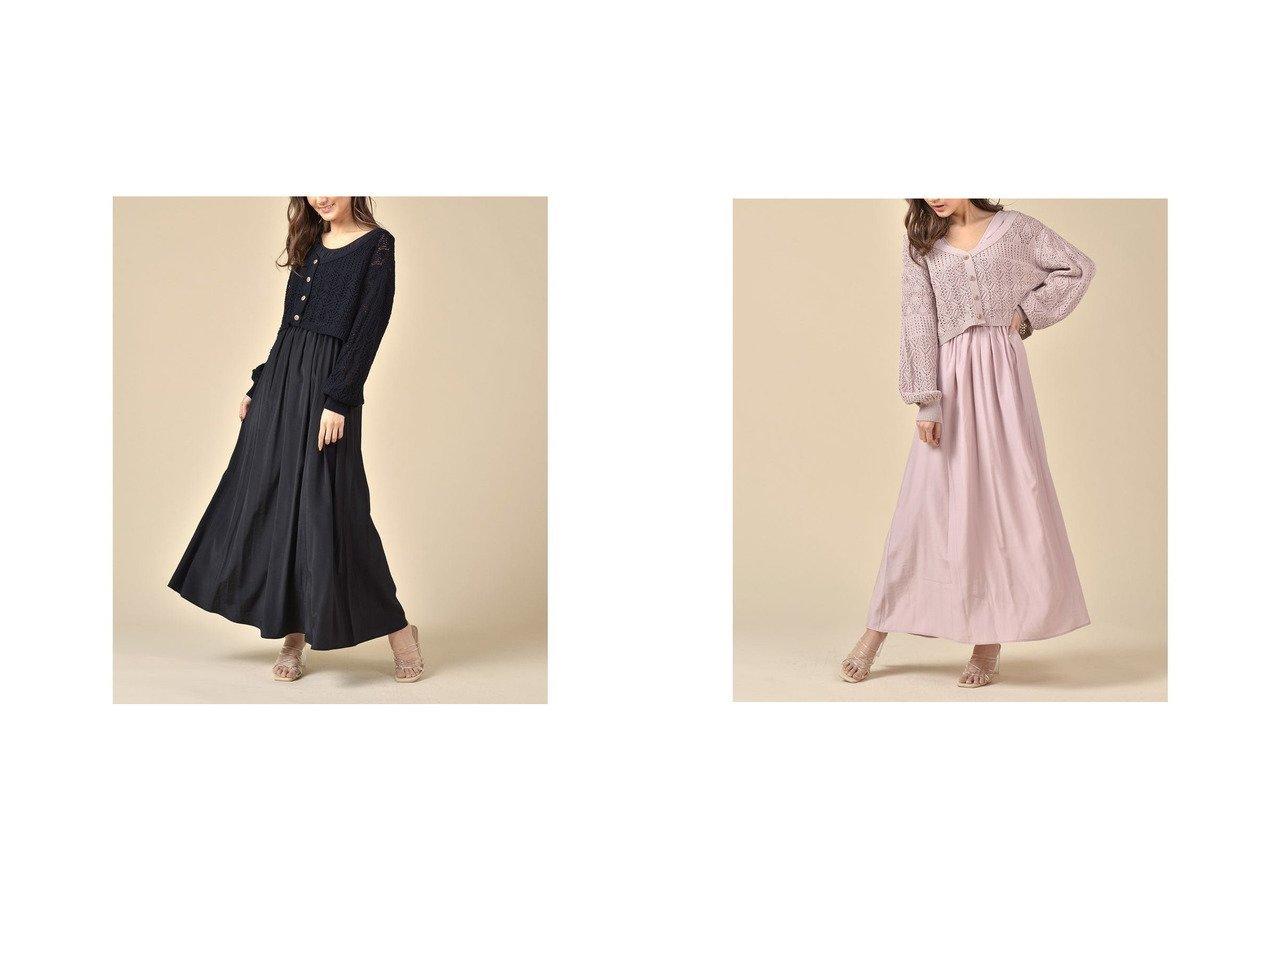 【ROYAL PARTY/ロイヤルパーティー】のかぎ針カーディガンレイヤードワンピース おすすめ!人気、トレンド・レディースファッションの通販 おすすめで人気の流行・トレンド、ファッションの通販商品 インテリア・家具・メンズファッション・キッズファッション・レディースファッション・服の通販 founy(ファニー) https://founy.com/ ファッション Fashion レディースファッション WOMEN ワンピース Dress 2021年 2021 2021春夏・S/S SS/Spring/Summer/2021 S/S・春夏 SS・Spring/Summer かぎ針 カーディガン ギャザー ロング 夏 Summer 春 Spring |ID:crp329100000047973